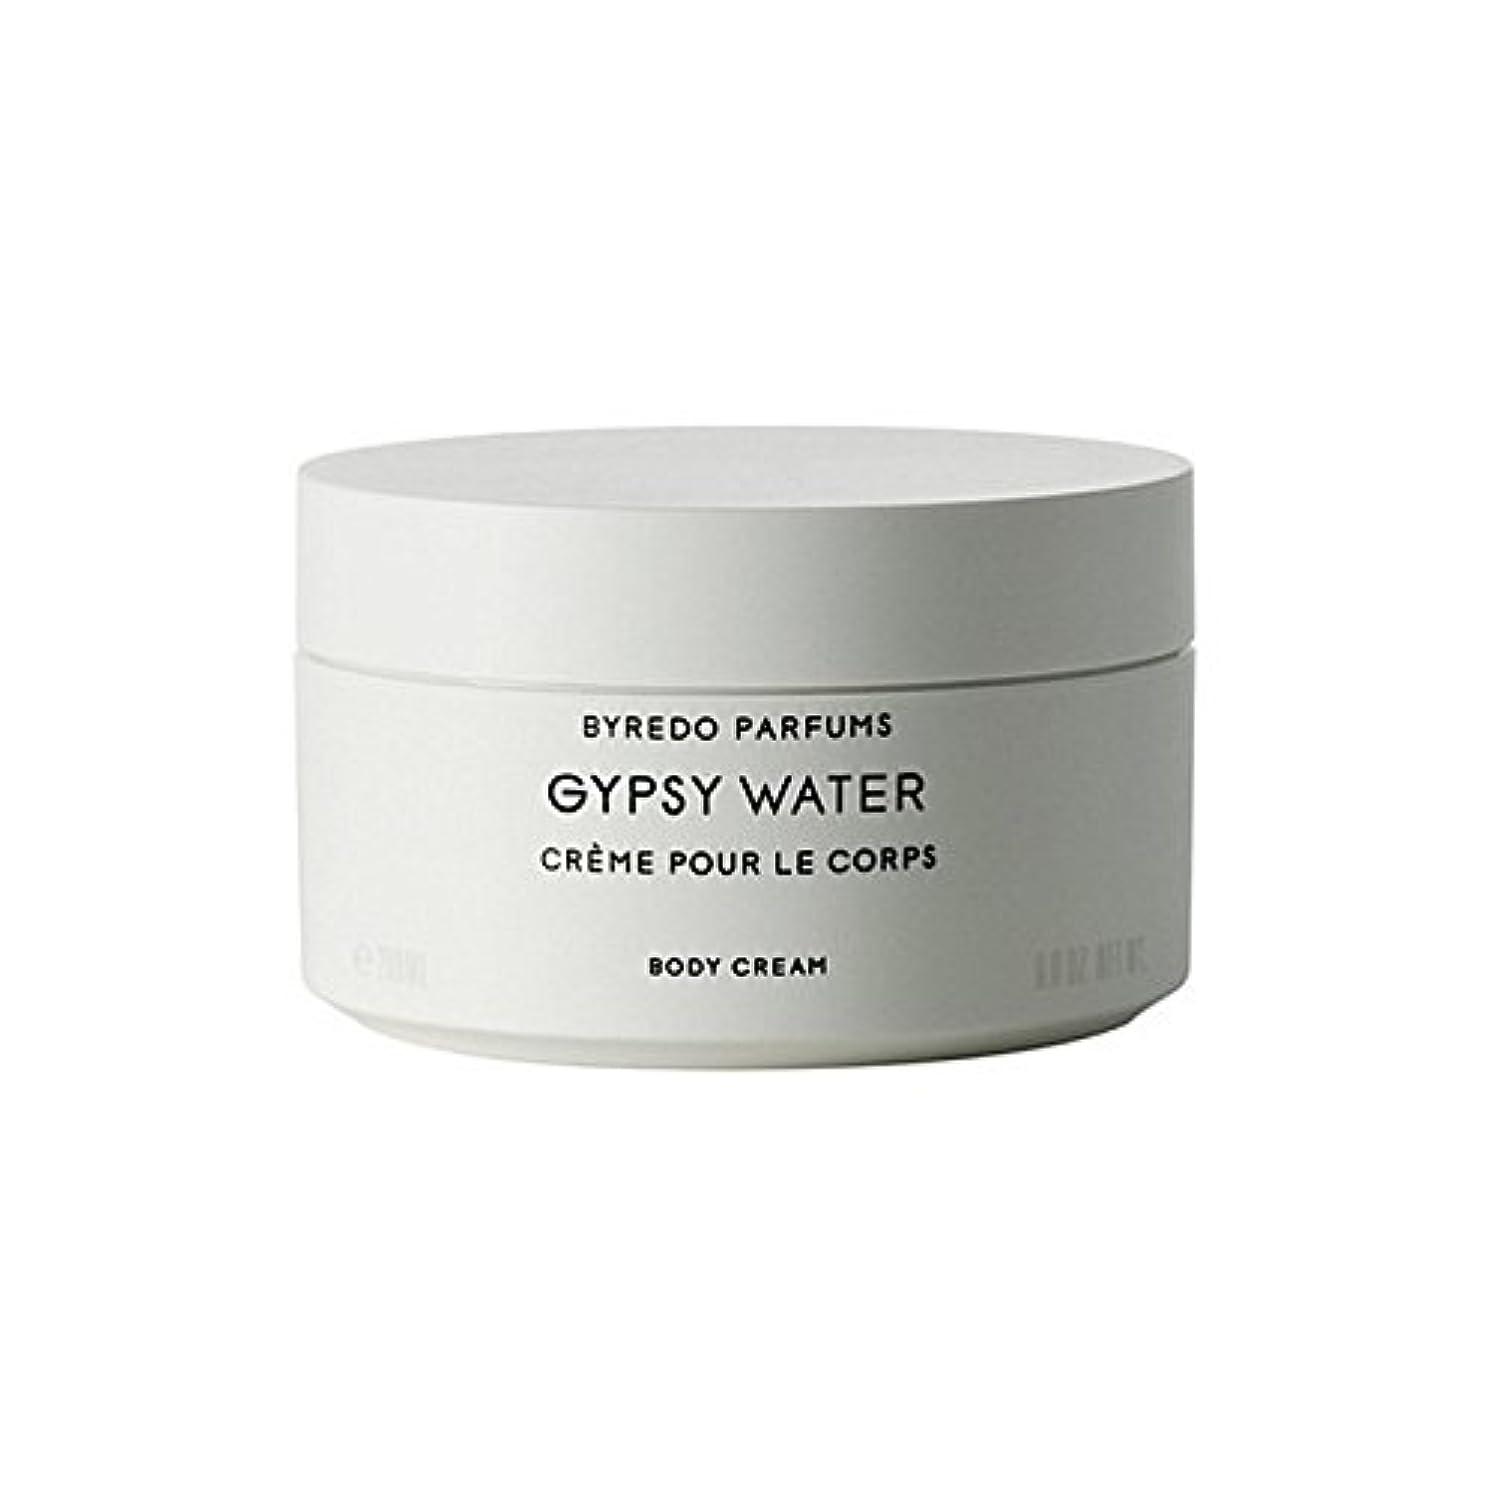 スペード政治家の穿孔するByredo Gypsy Water Body Cream 200ml - ジプシー水ボディクリーム200ミリリットル [並行輸入品]